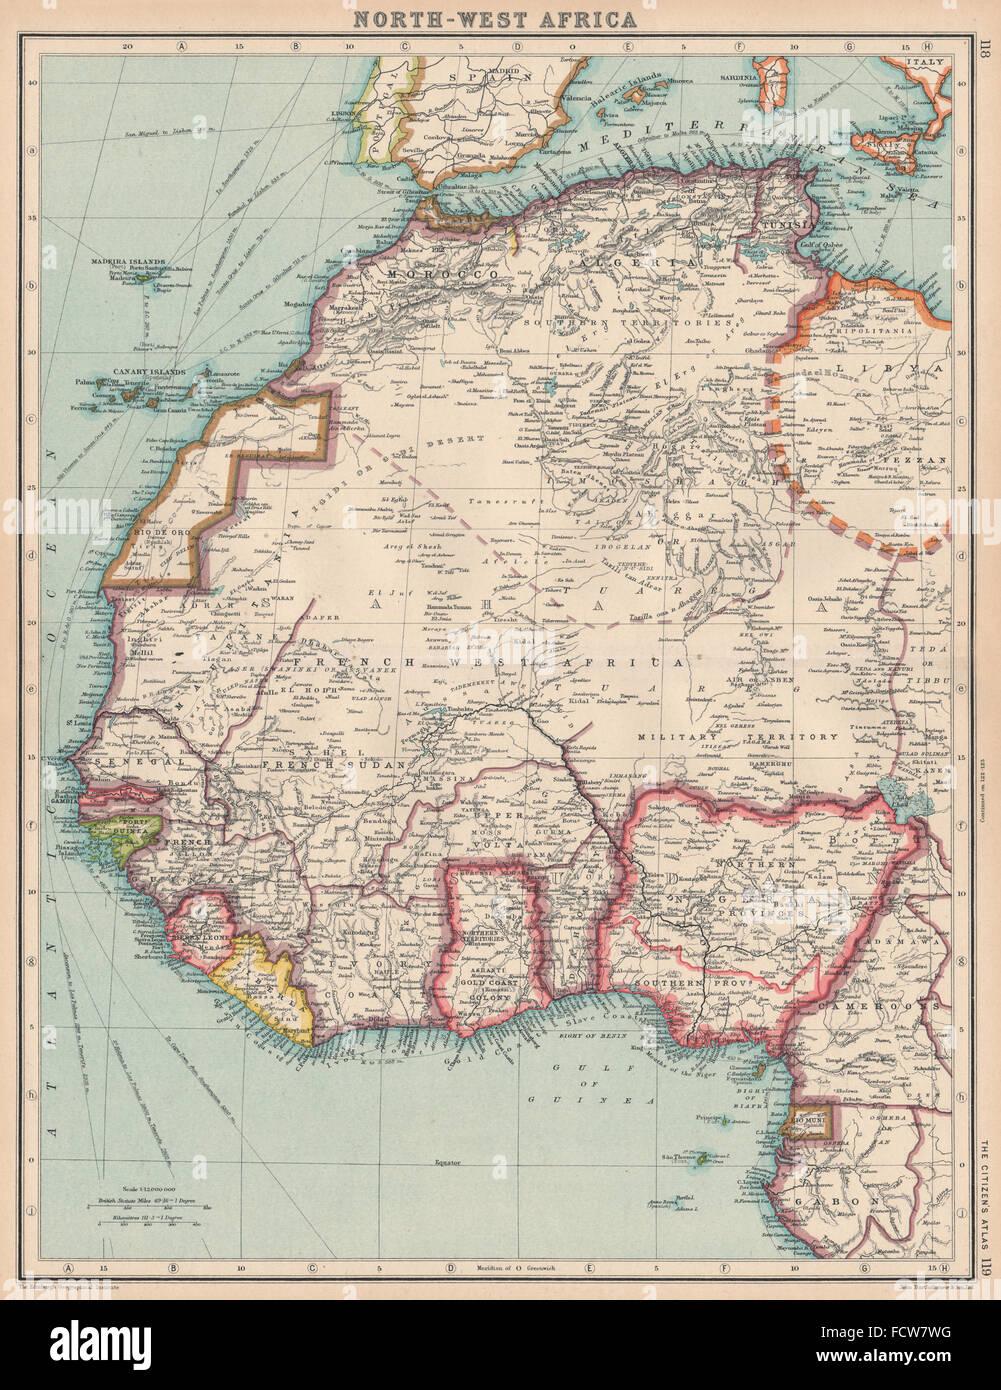 NORTH WEST AFRICA:Rio de Oro,Rio Muni, Spanish Morocco, 1924